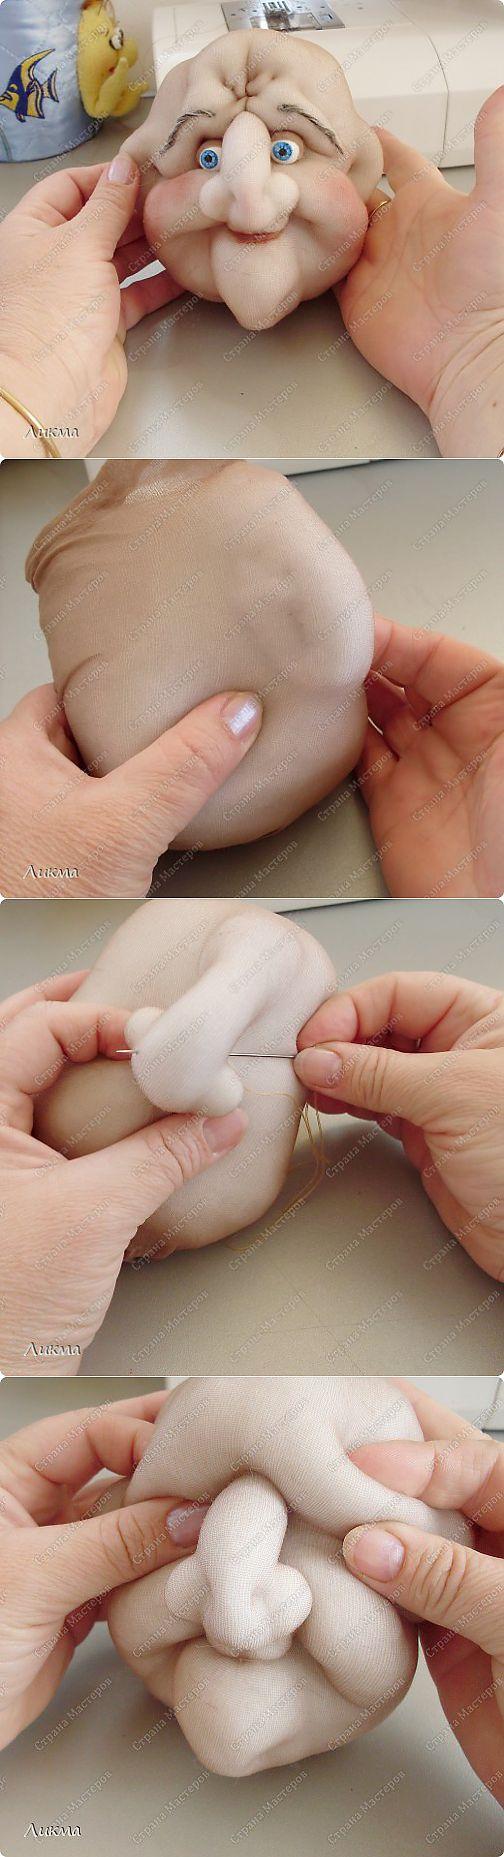 Как сделать бабу ягу — пошаговое описание как и из чего изготовить куклу своими руками (100 фото + видео)